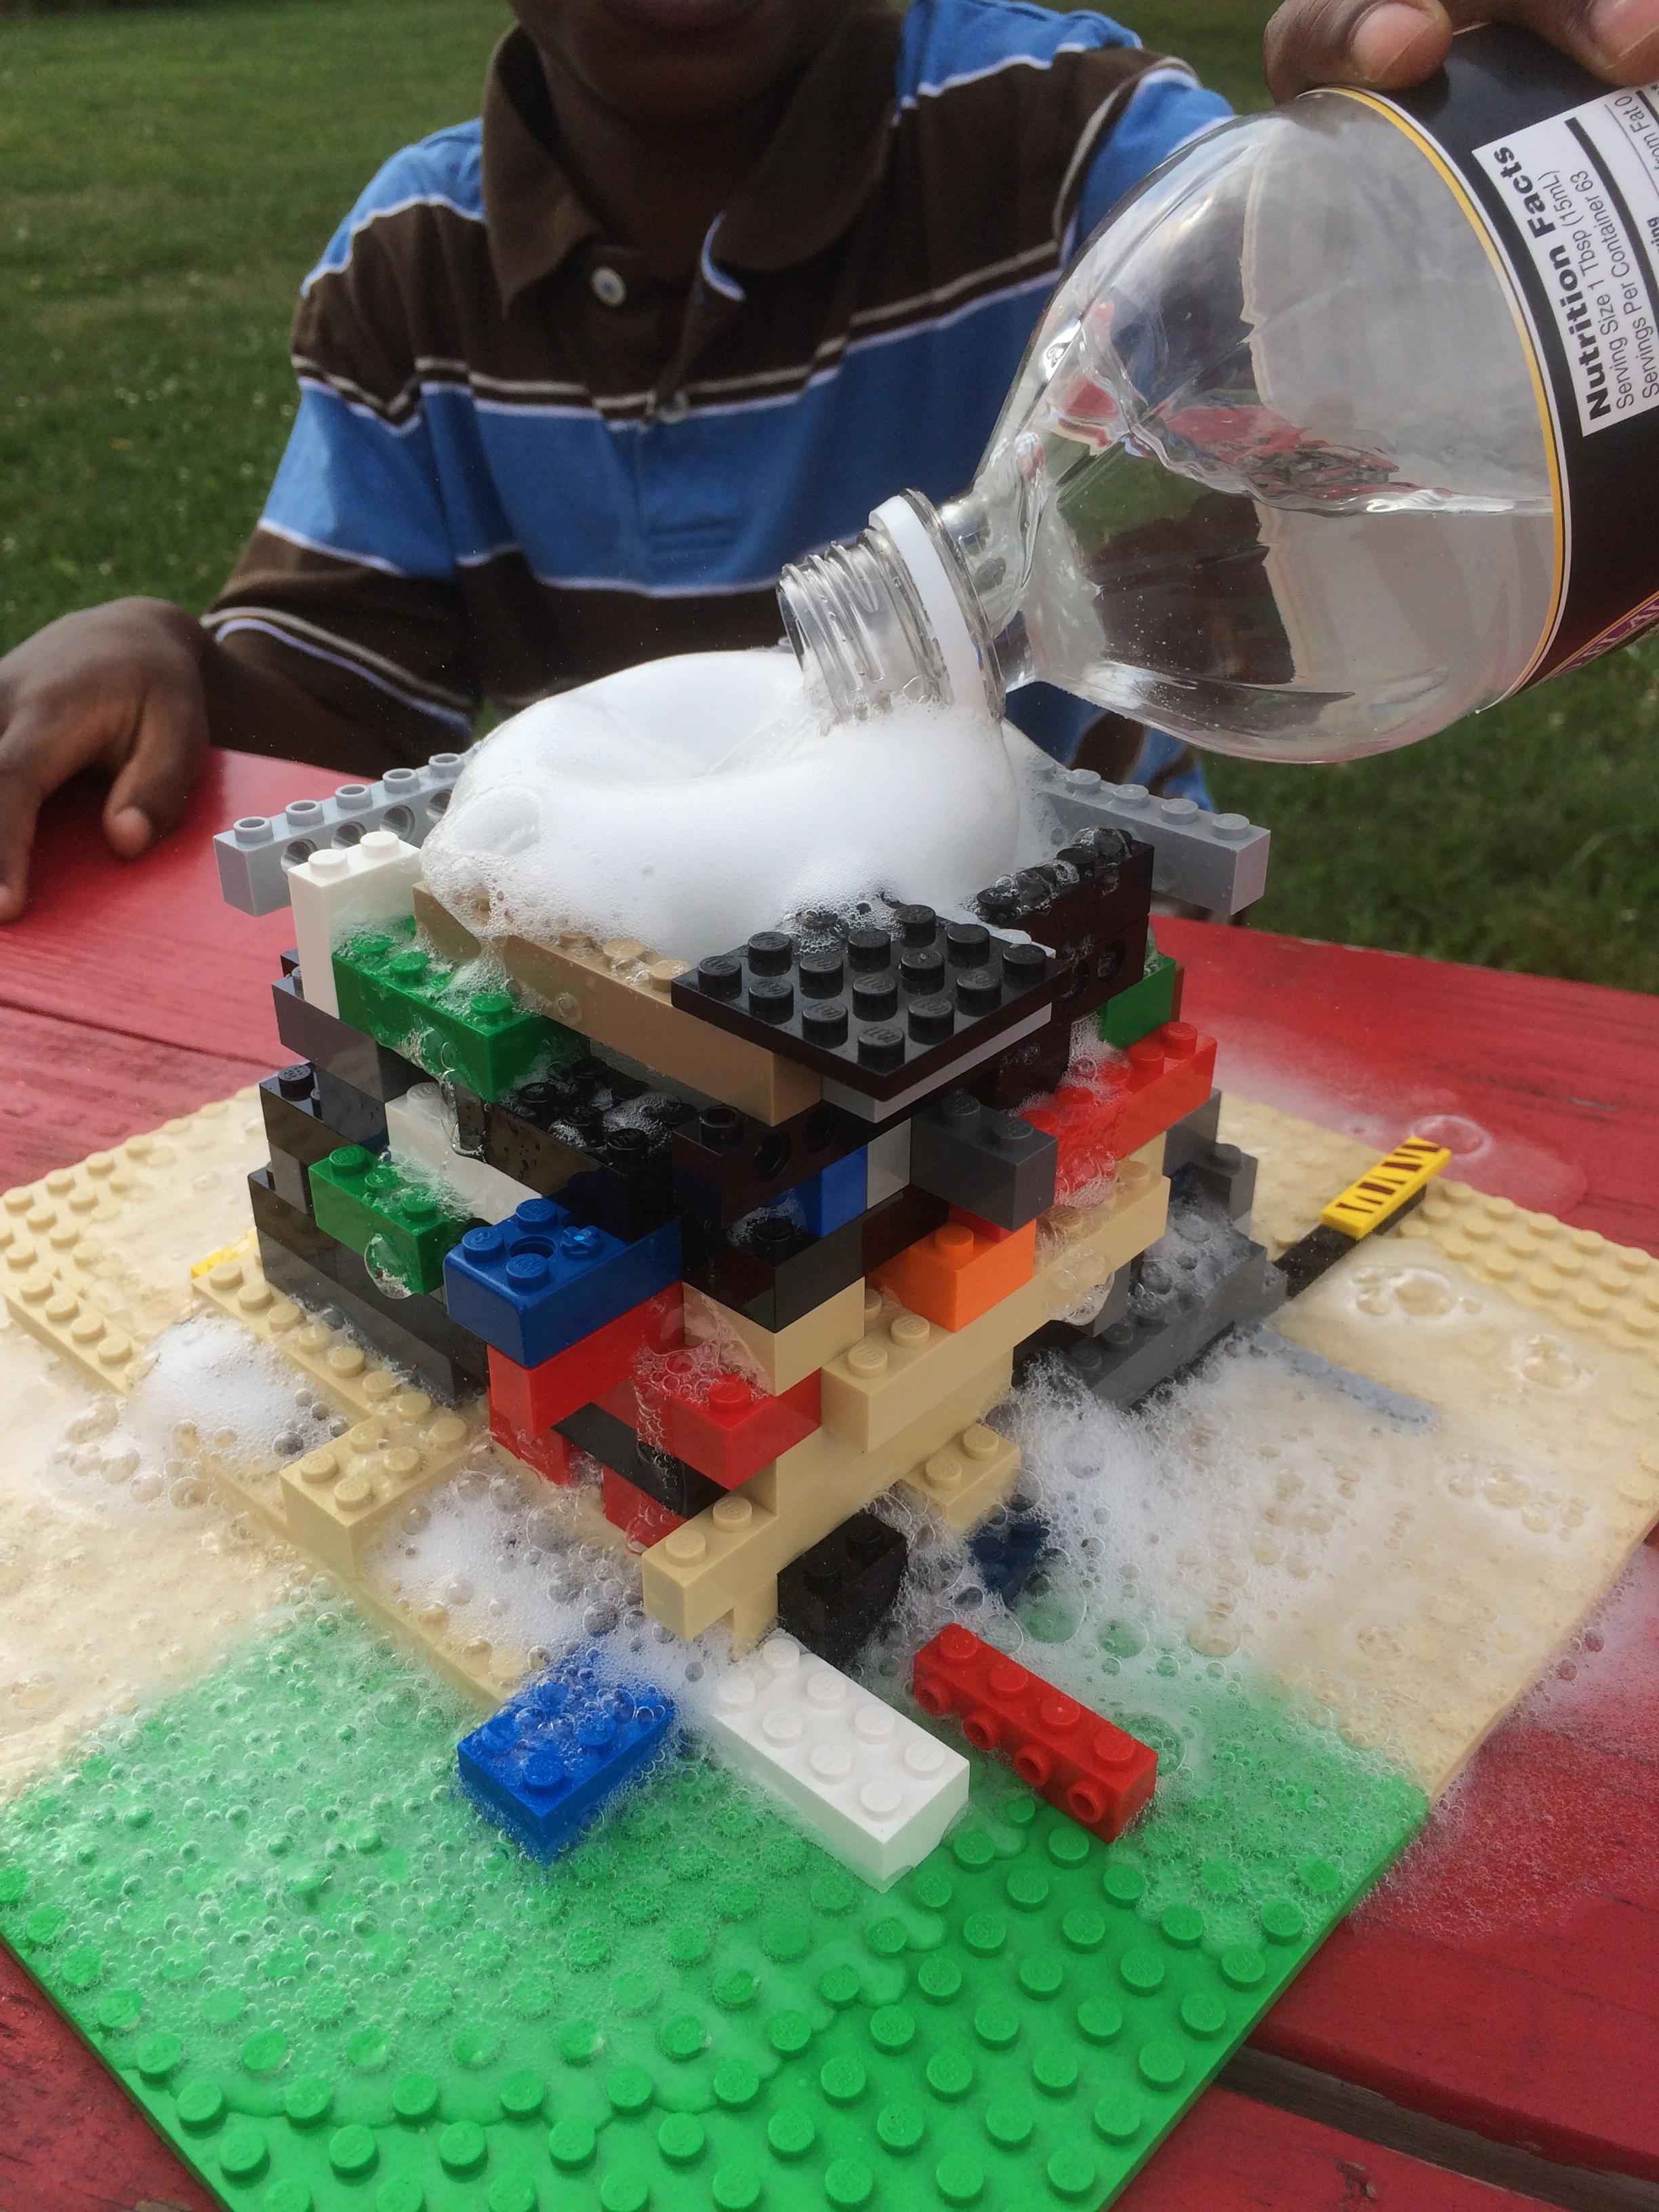 Lego Volcano